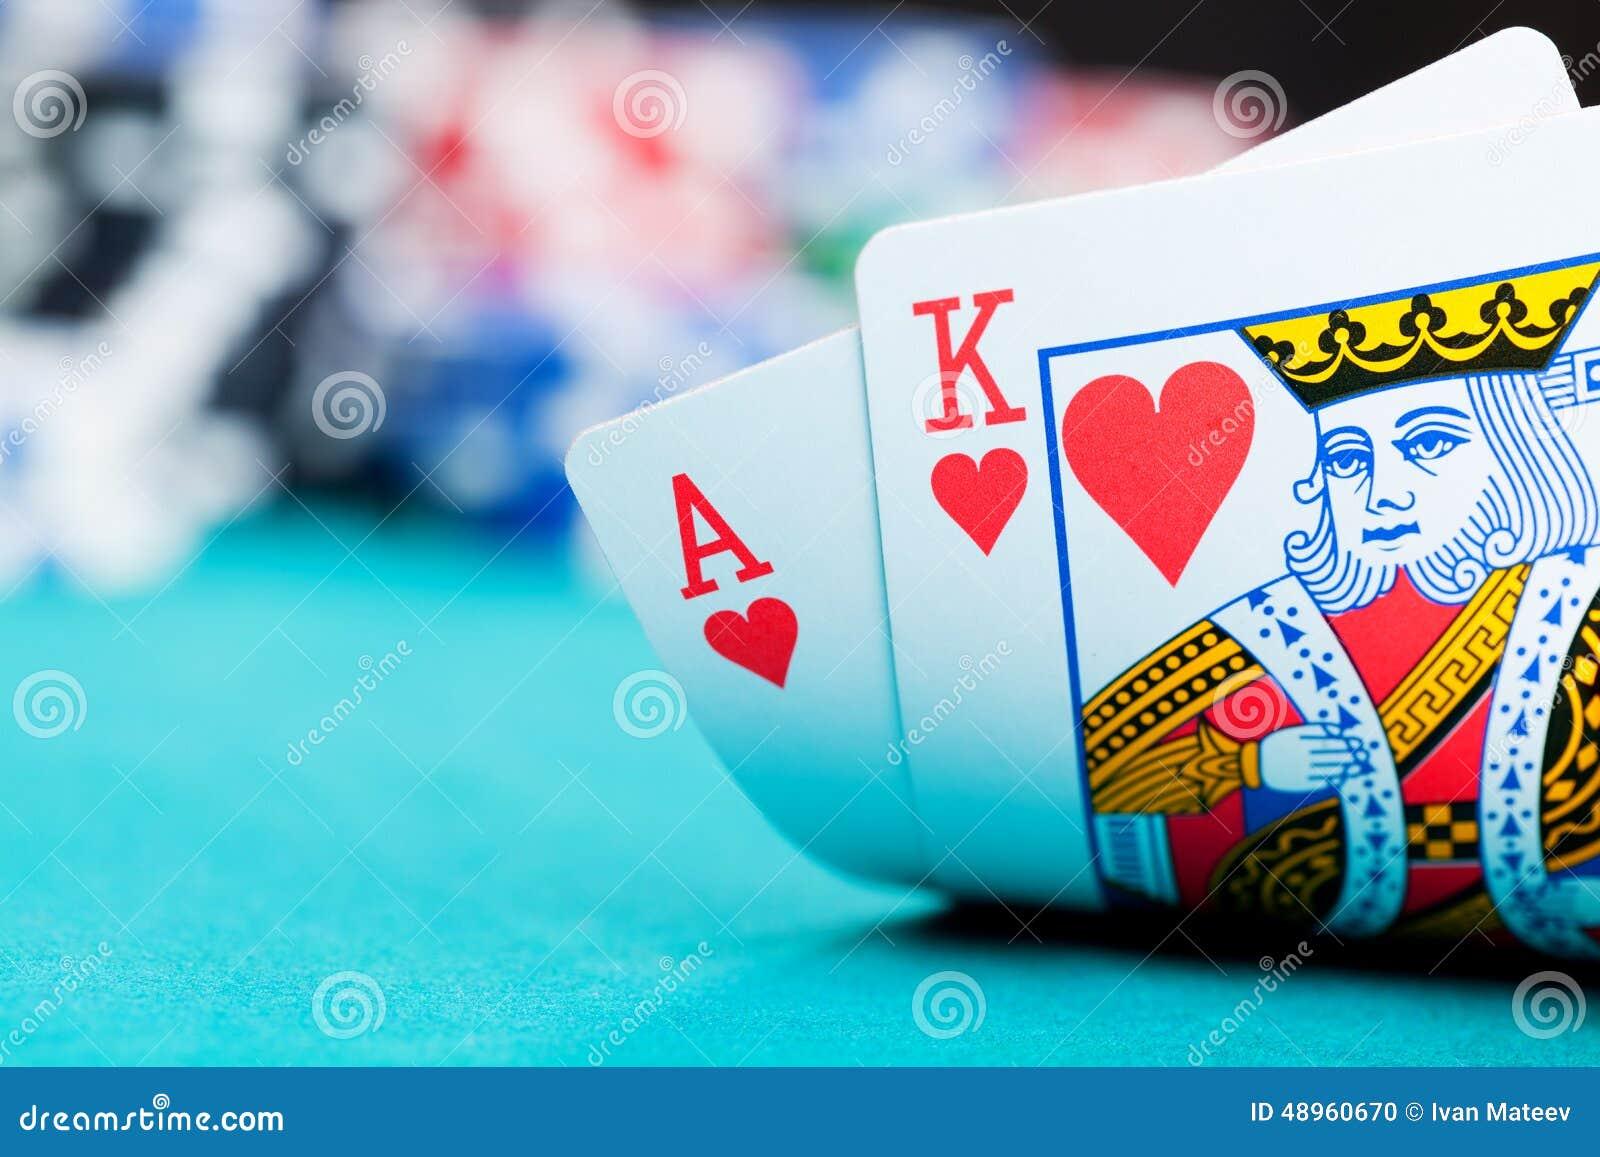 Азартные игры p=72 российские онлайн интерактивные казино